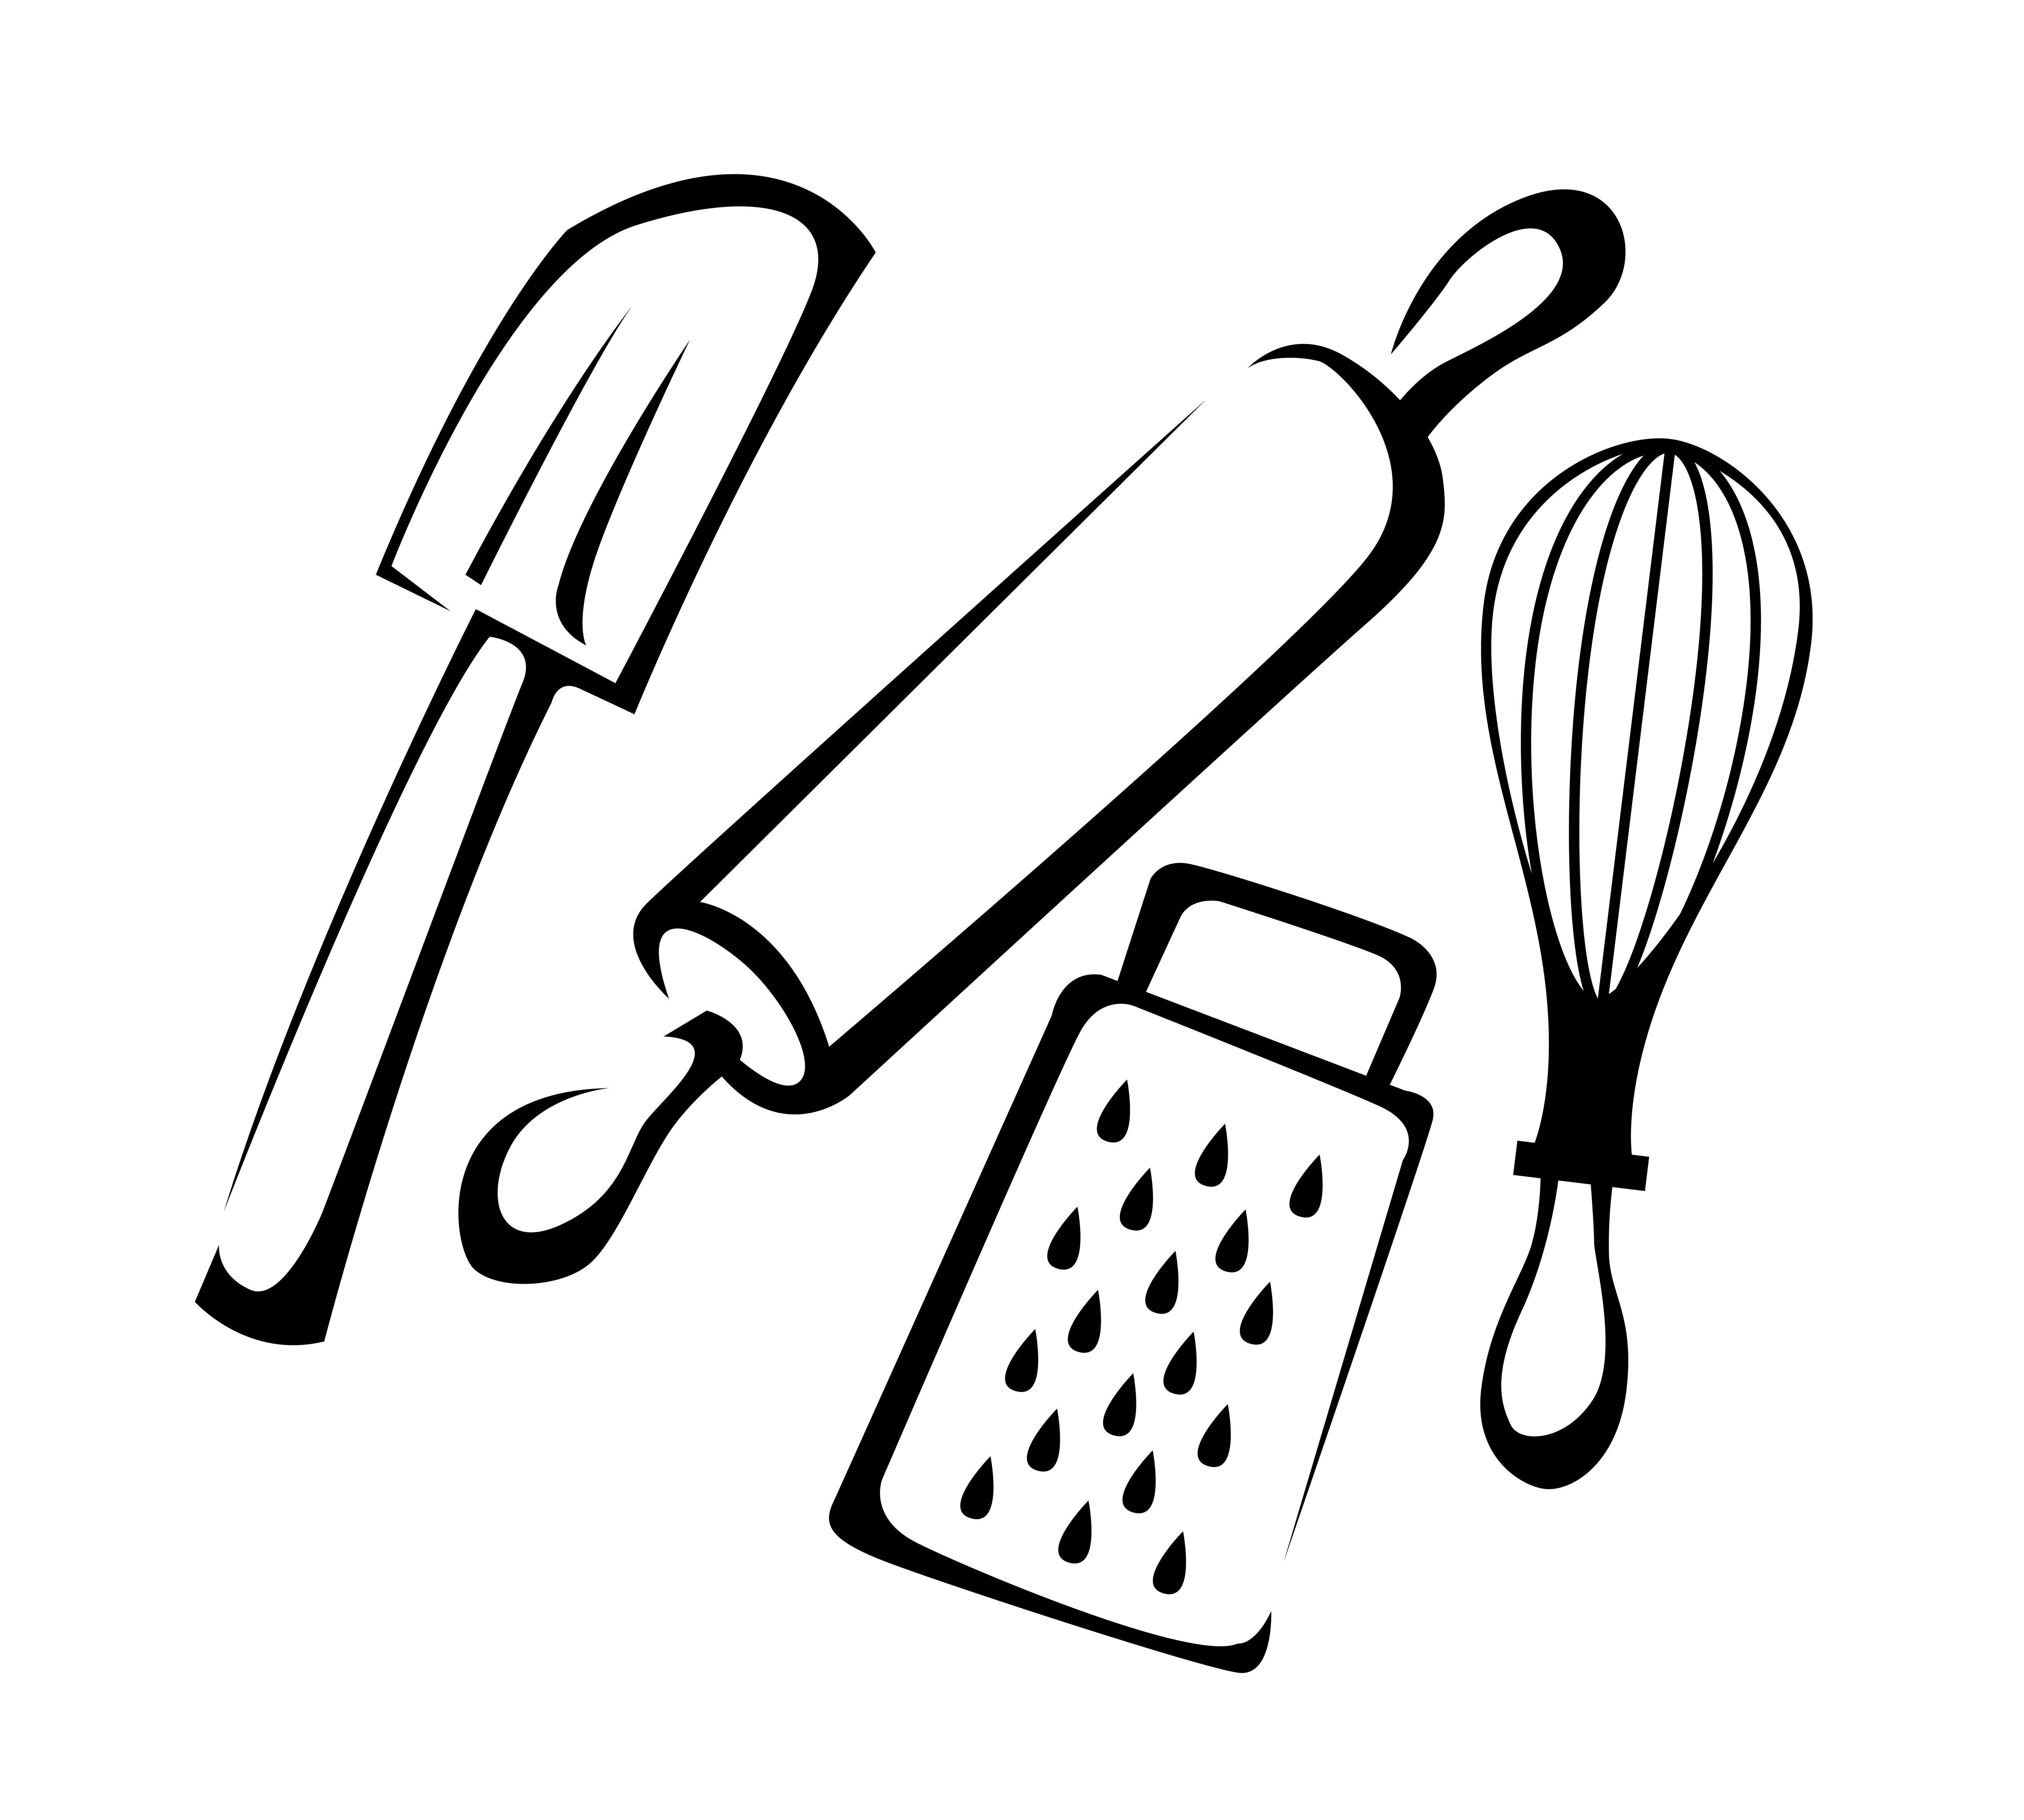 Cartoon Rubber Spatula Cartoon Cooking 150x150 Baking Utensils